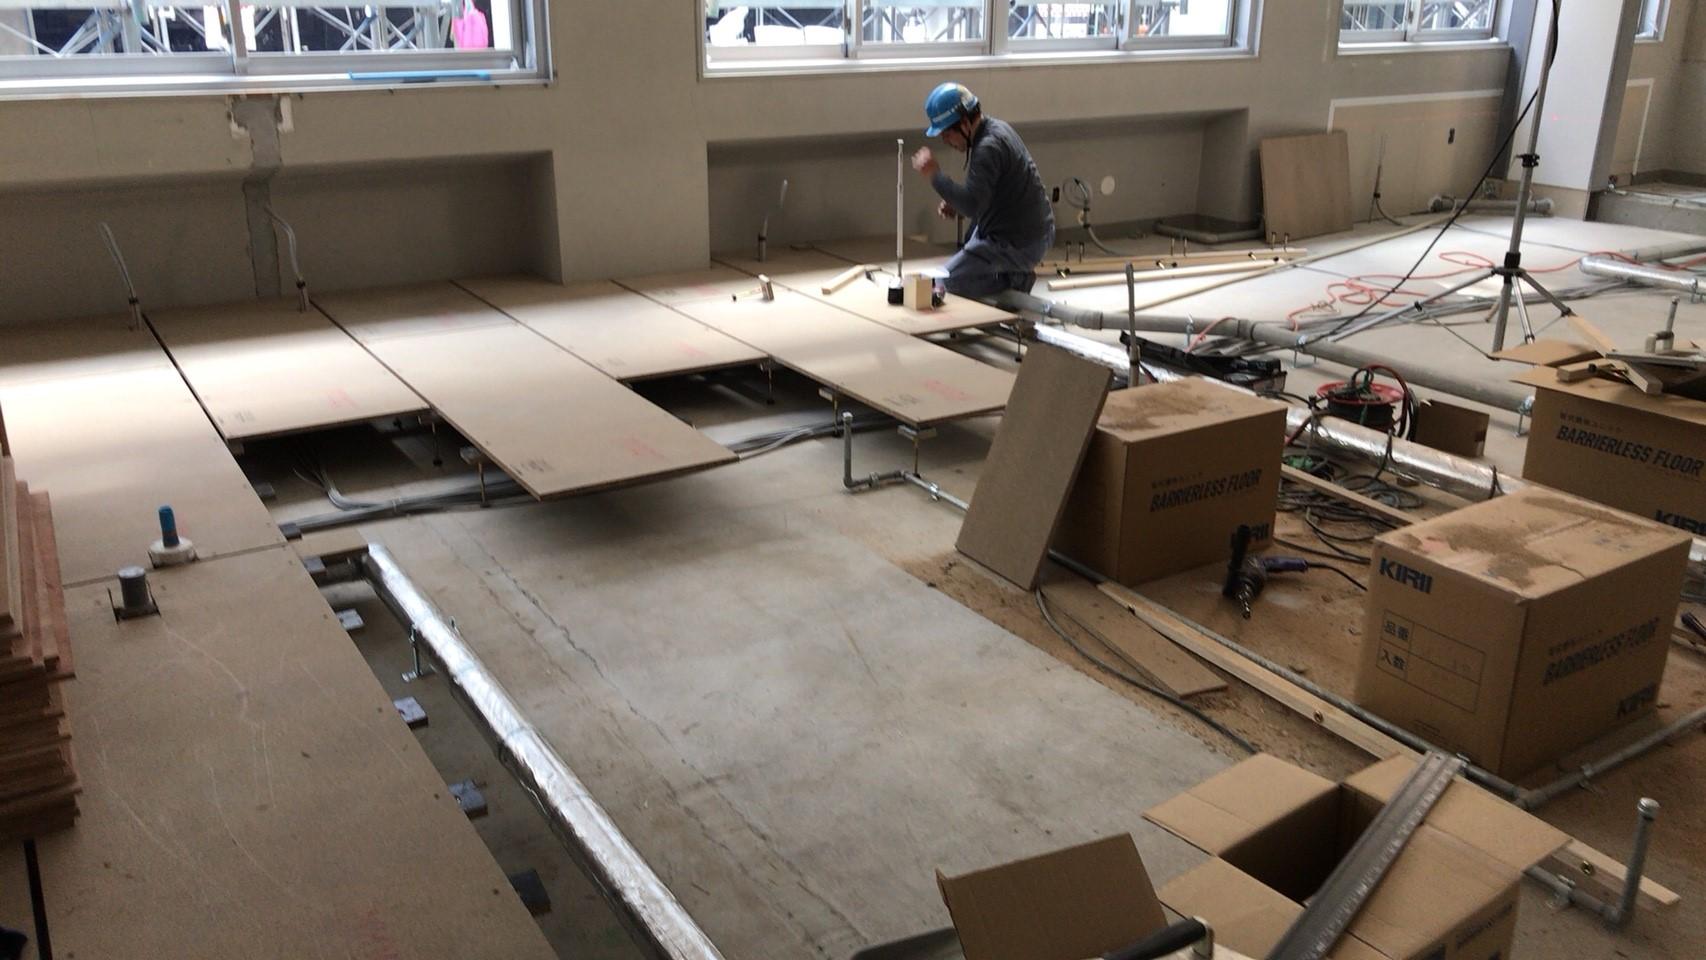 大学キャンパス新設に伴う置床・乾式二重床、捨て貼り他施工